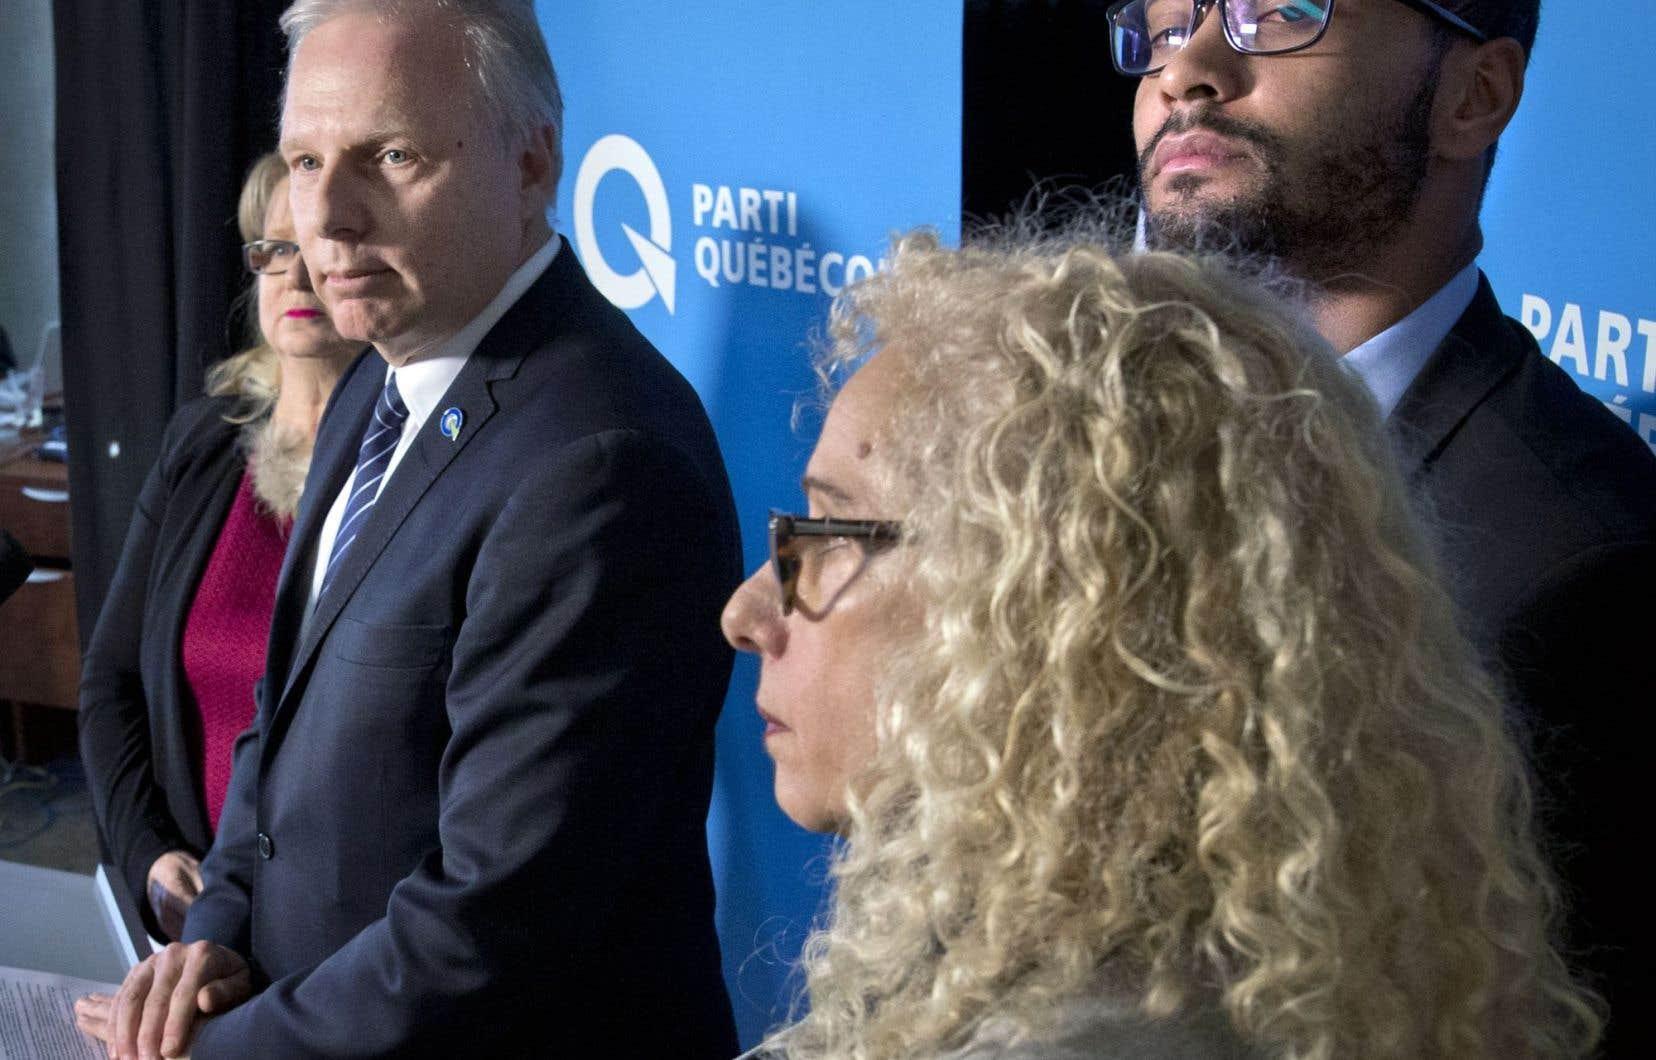 Le chef du Parti québécois, Jean-François Lisée, a invité les chefs des autres partis à reconnaître leurs propres excès de langage.